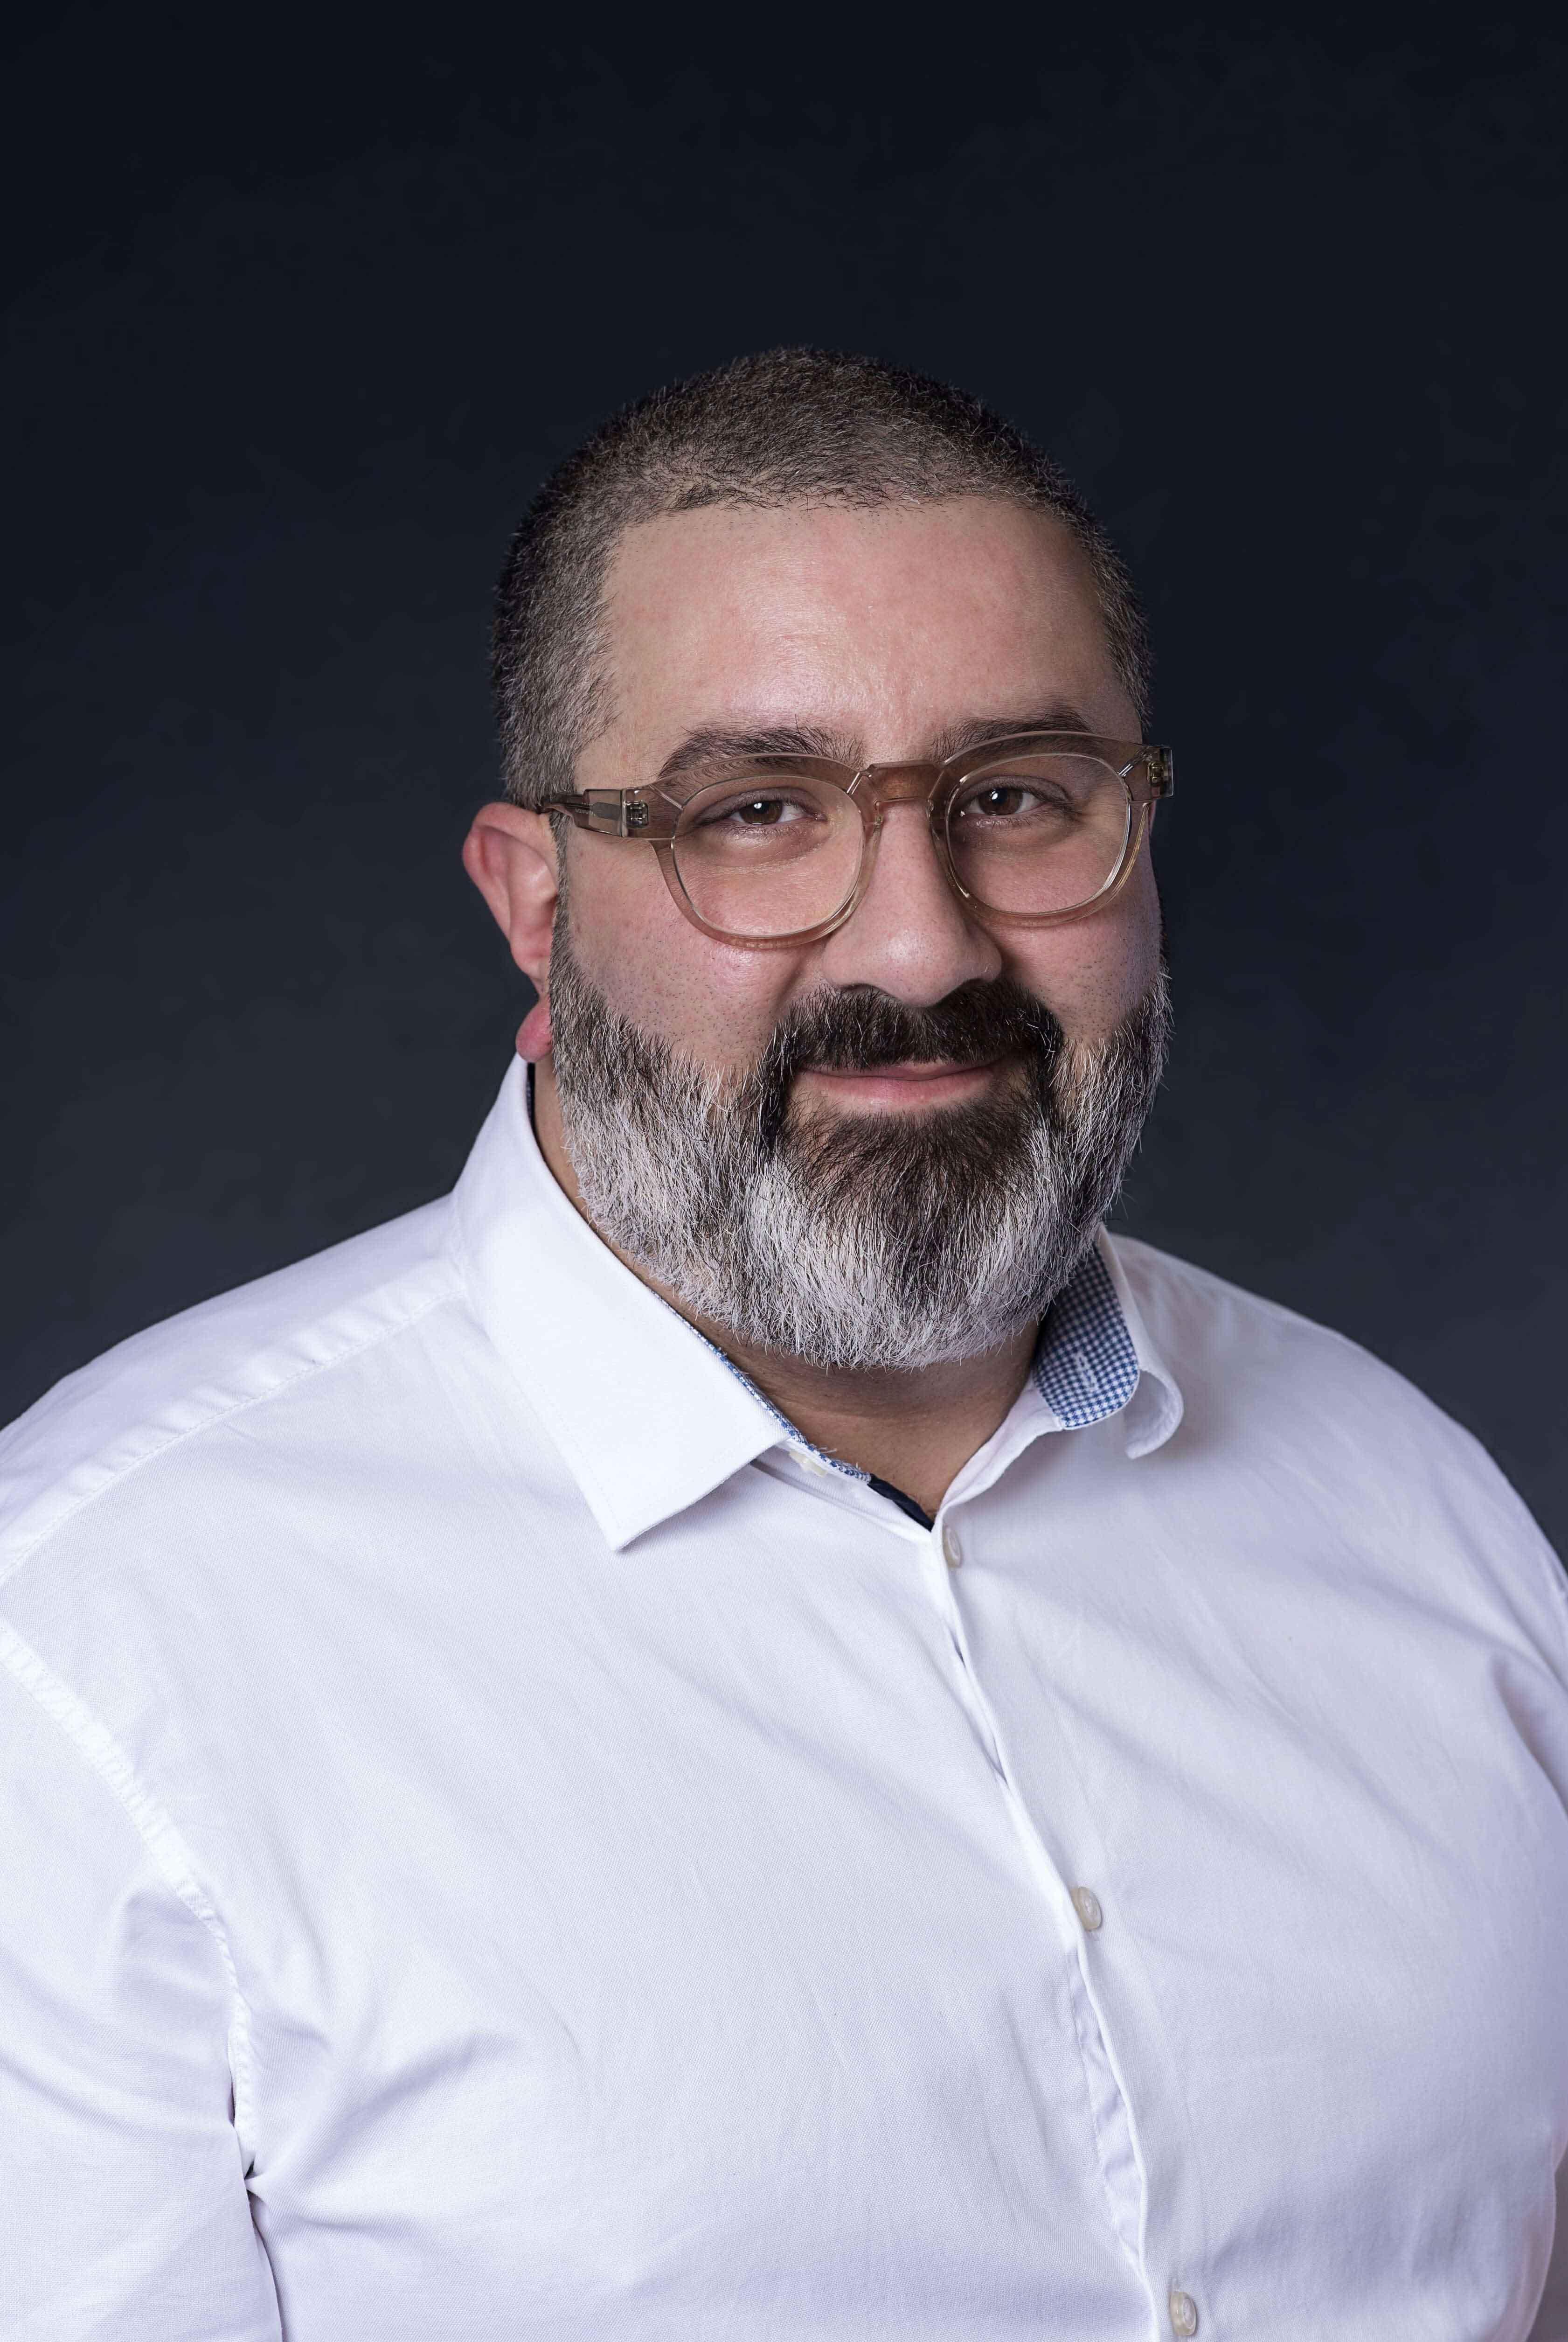 Daniel Aharon